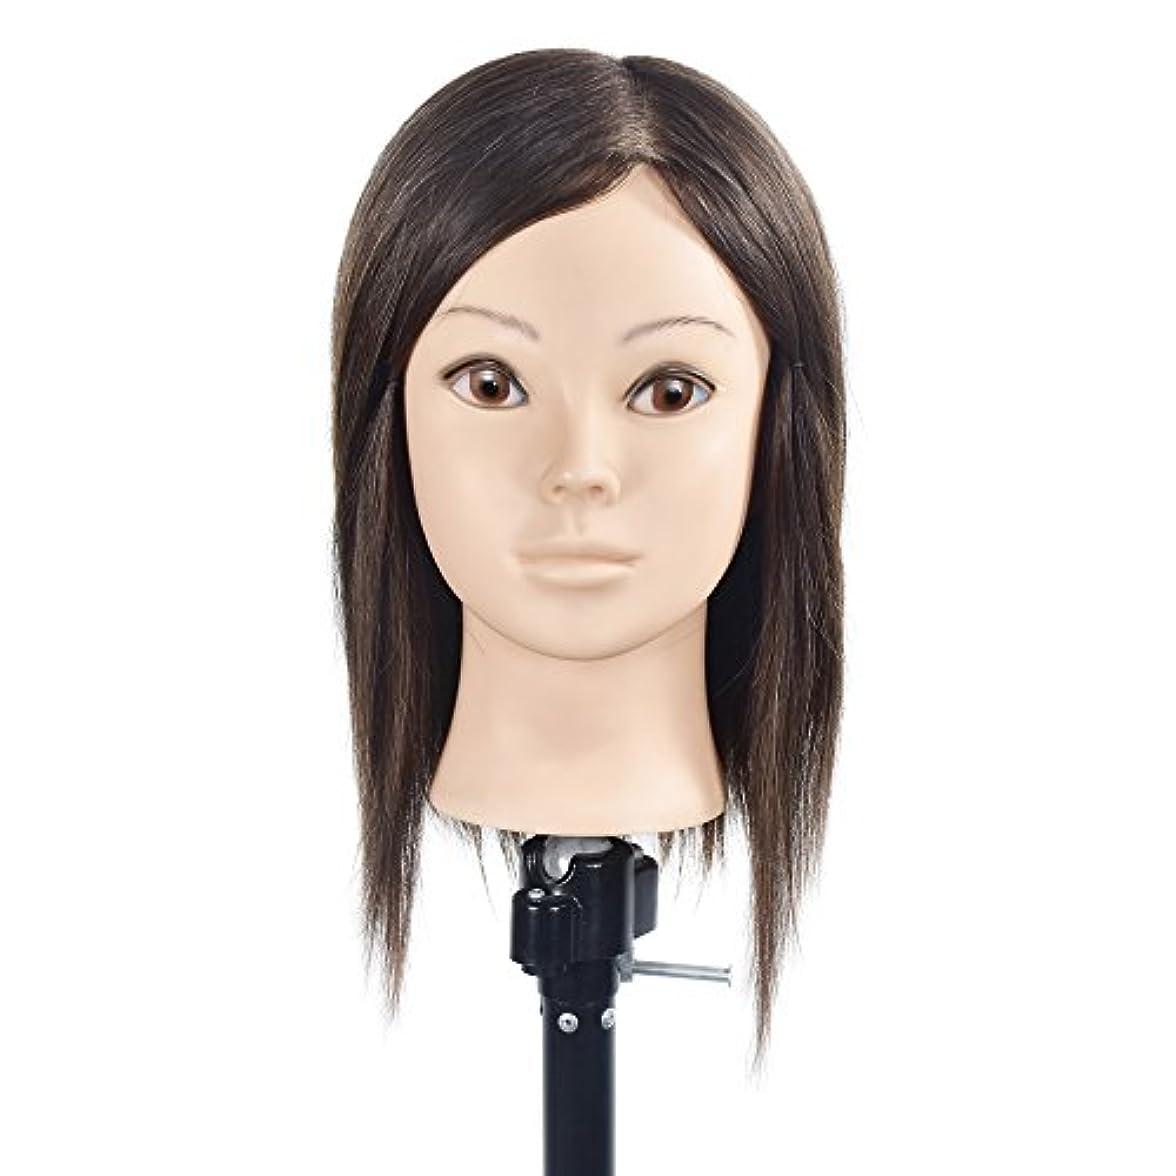 一生ボールギャンブルトレーニングヘッド美容師100%リアルヒューマンヘアスタイリングマニアックマネキン人形(フリーテーブルクランプ付)